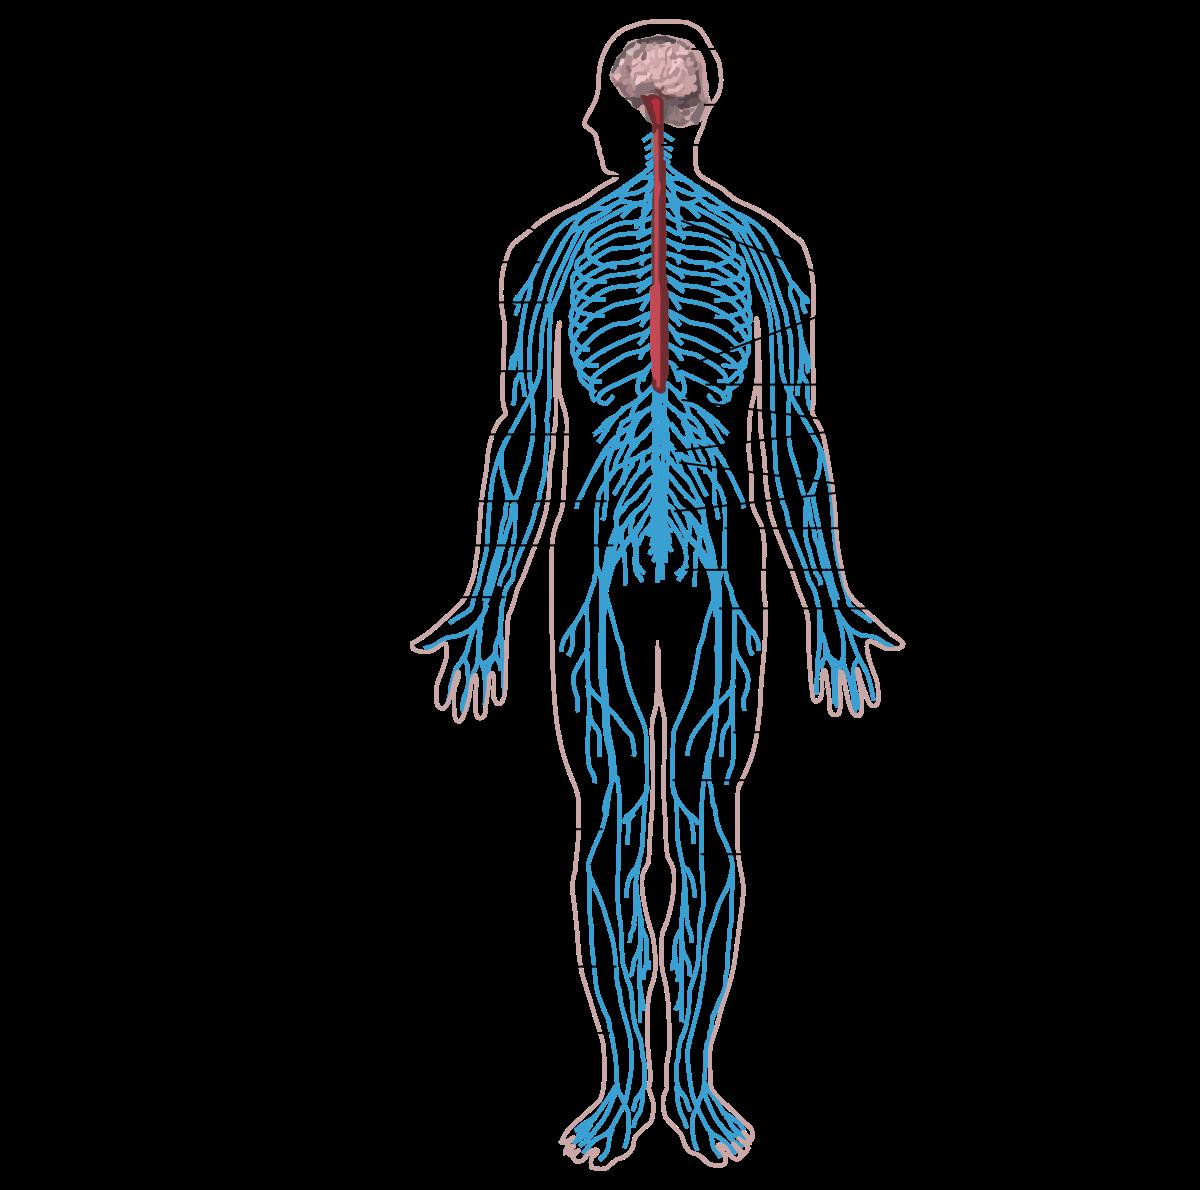 az emberi test parazitainak kezelése népi módszerekkel)